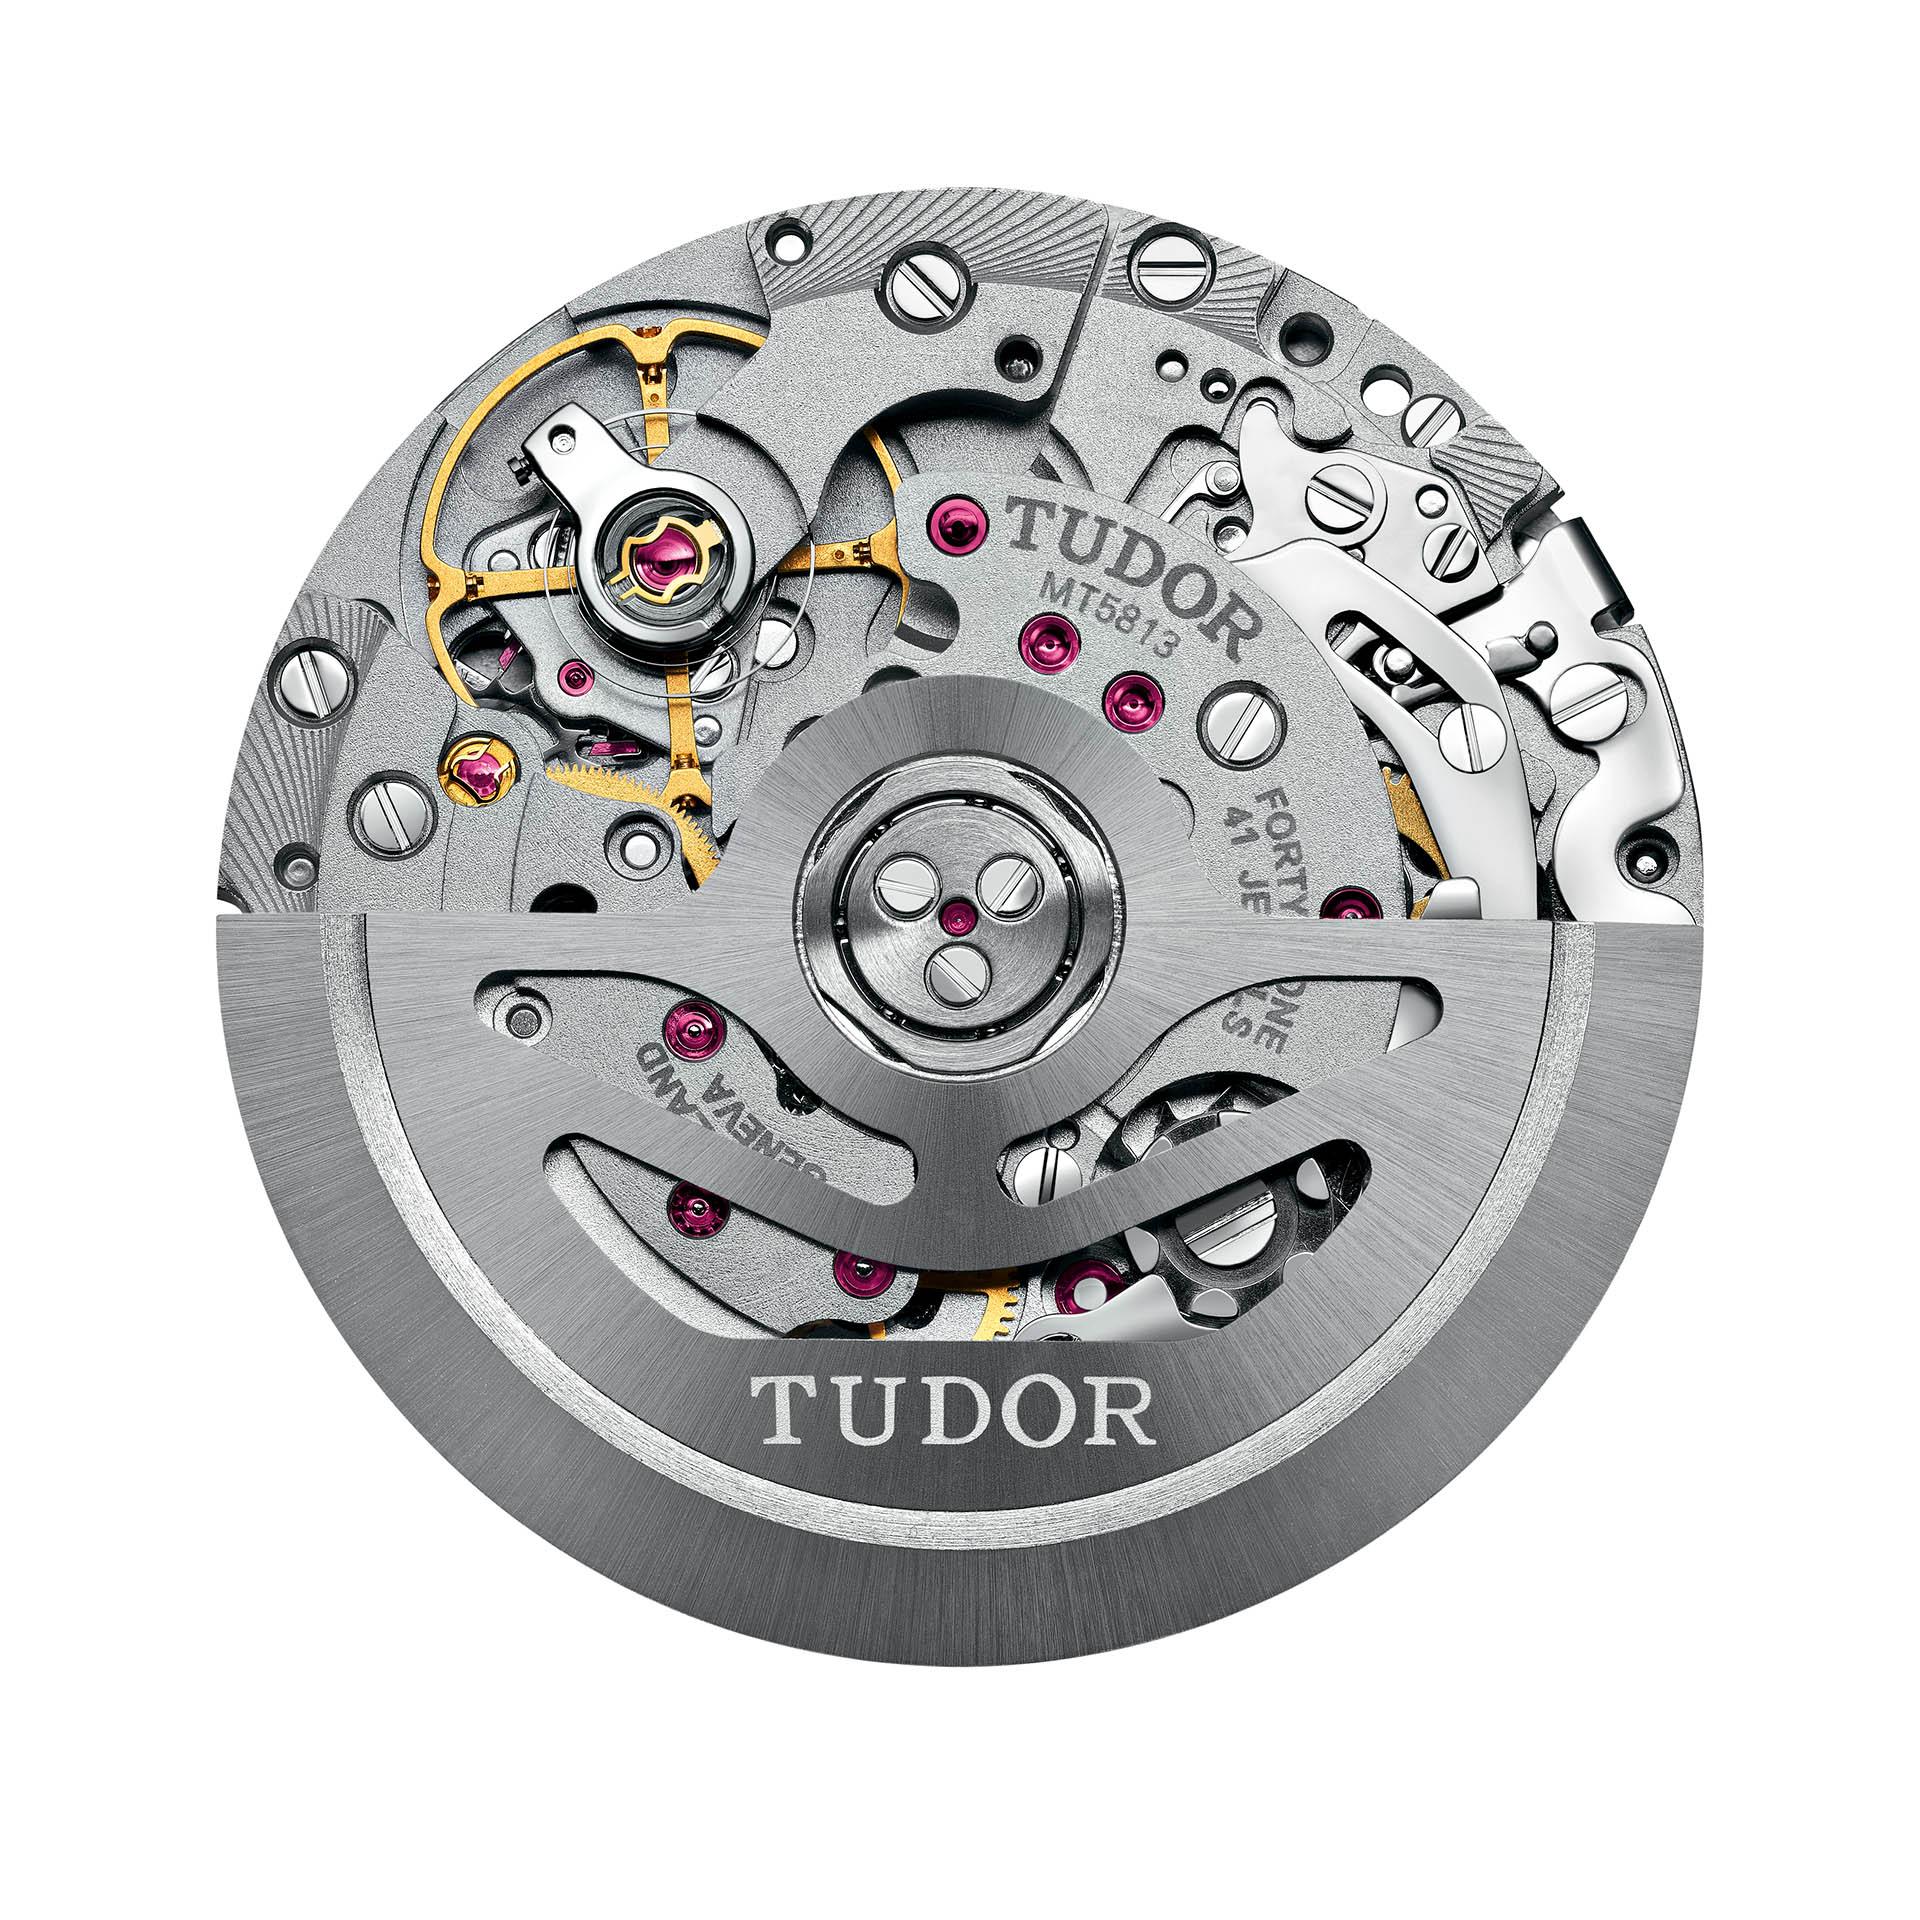 Tudor Kaliber MT5813